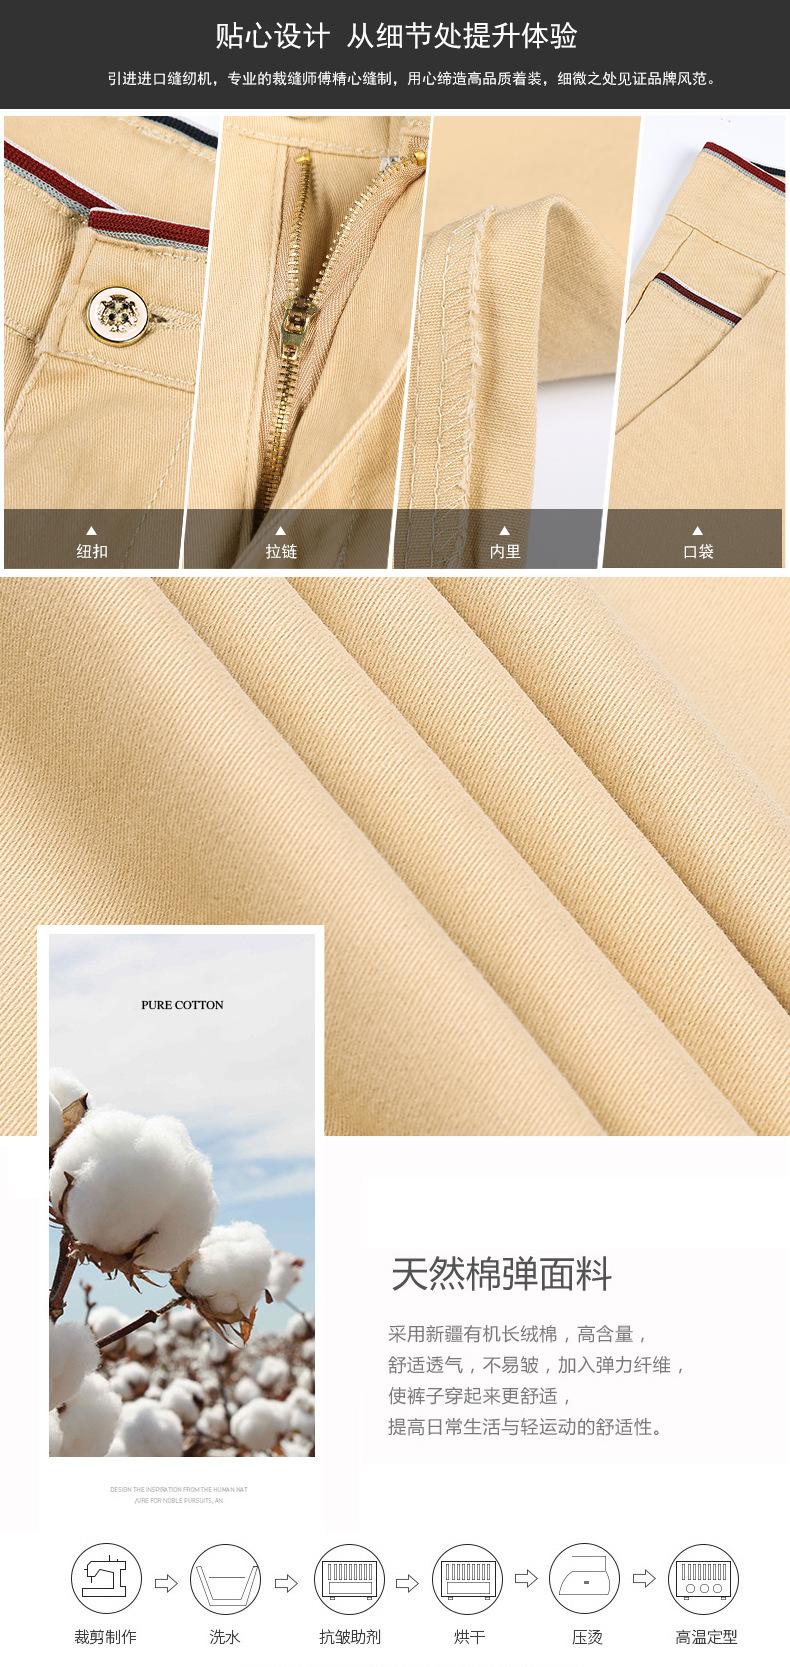 YK8耀客时尚帅气韩版休闲裤 直筒弹力修身纯棉休闲长裤 黑色 款号:hs-21152